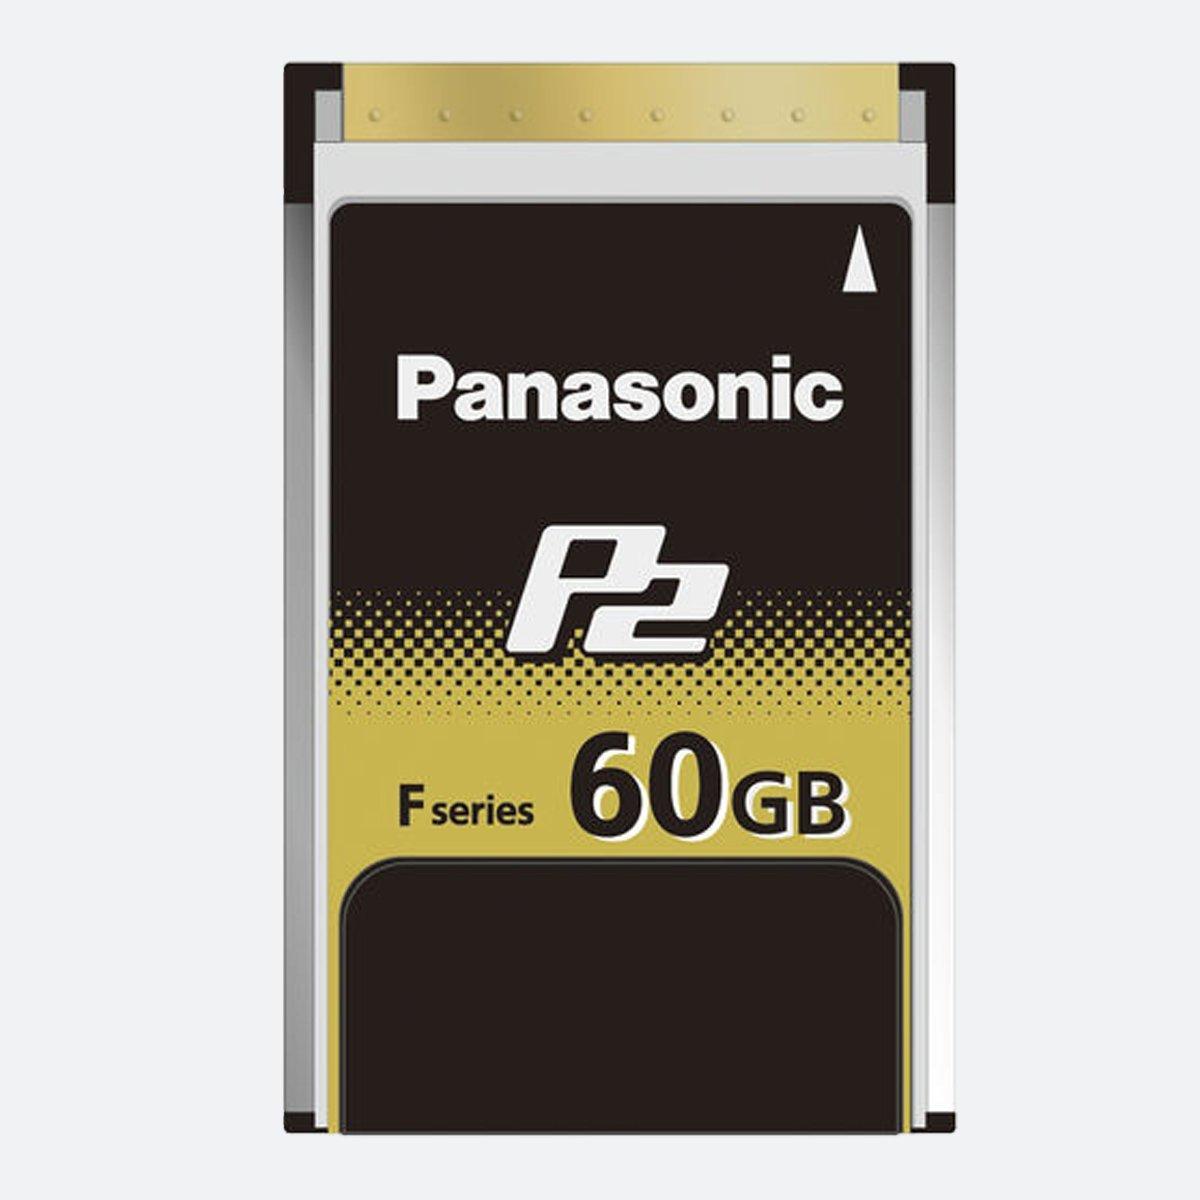 Ex-Demo Panasonic AJ-P2E060FG 60GB P2 F Series Memory Card